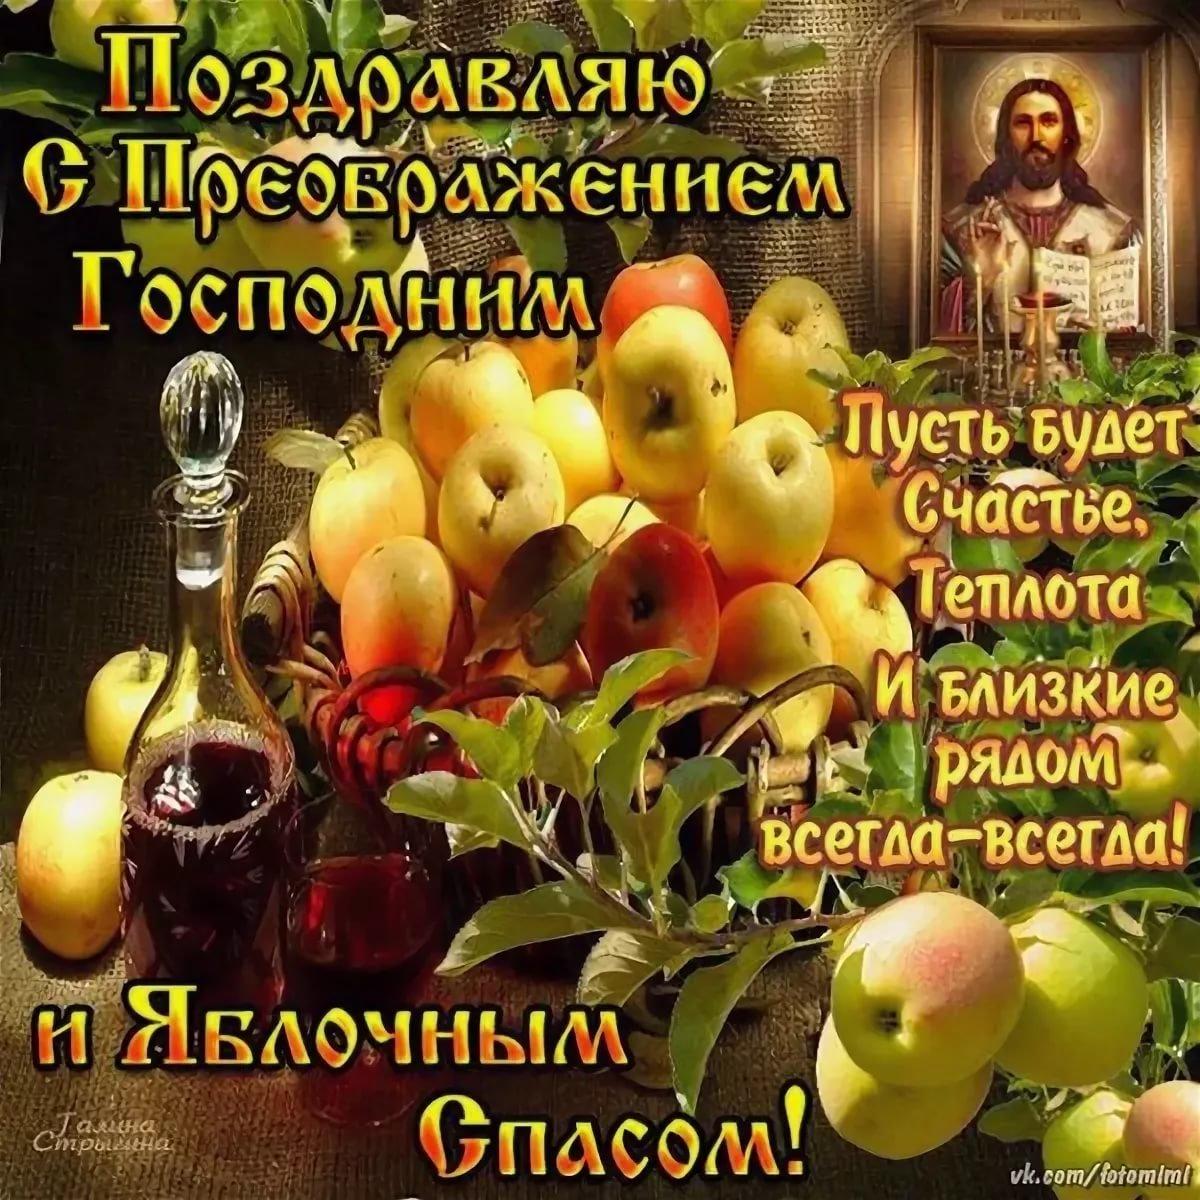 Гифки яблочный спас преображение господне, своими